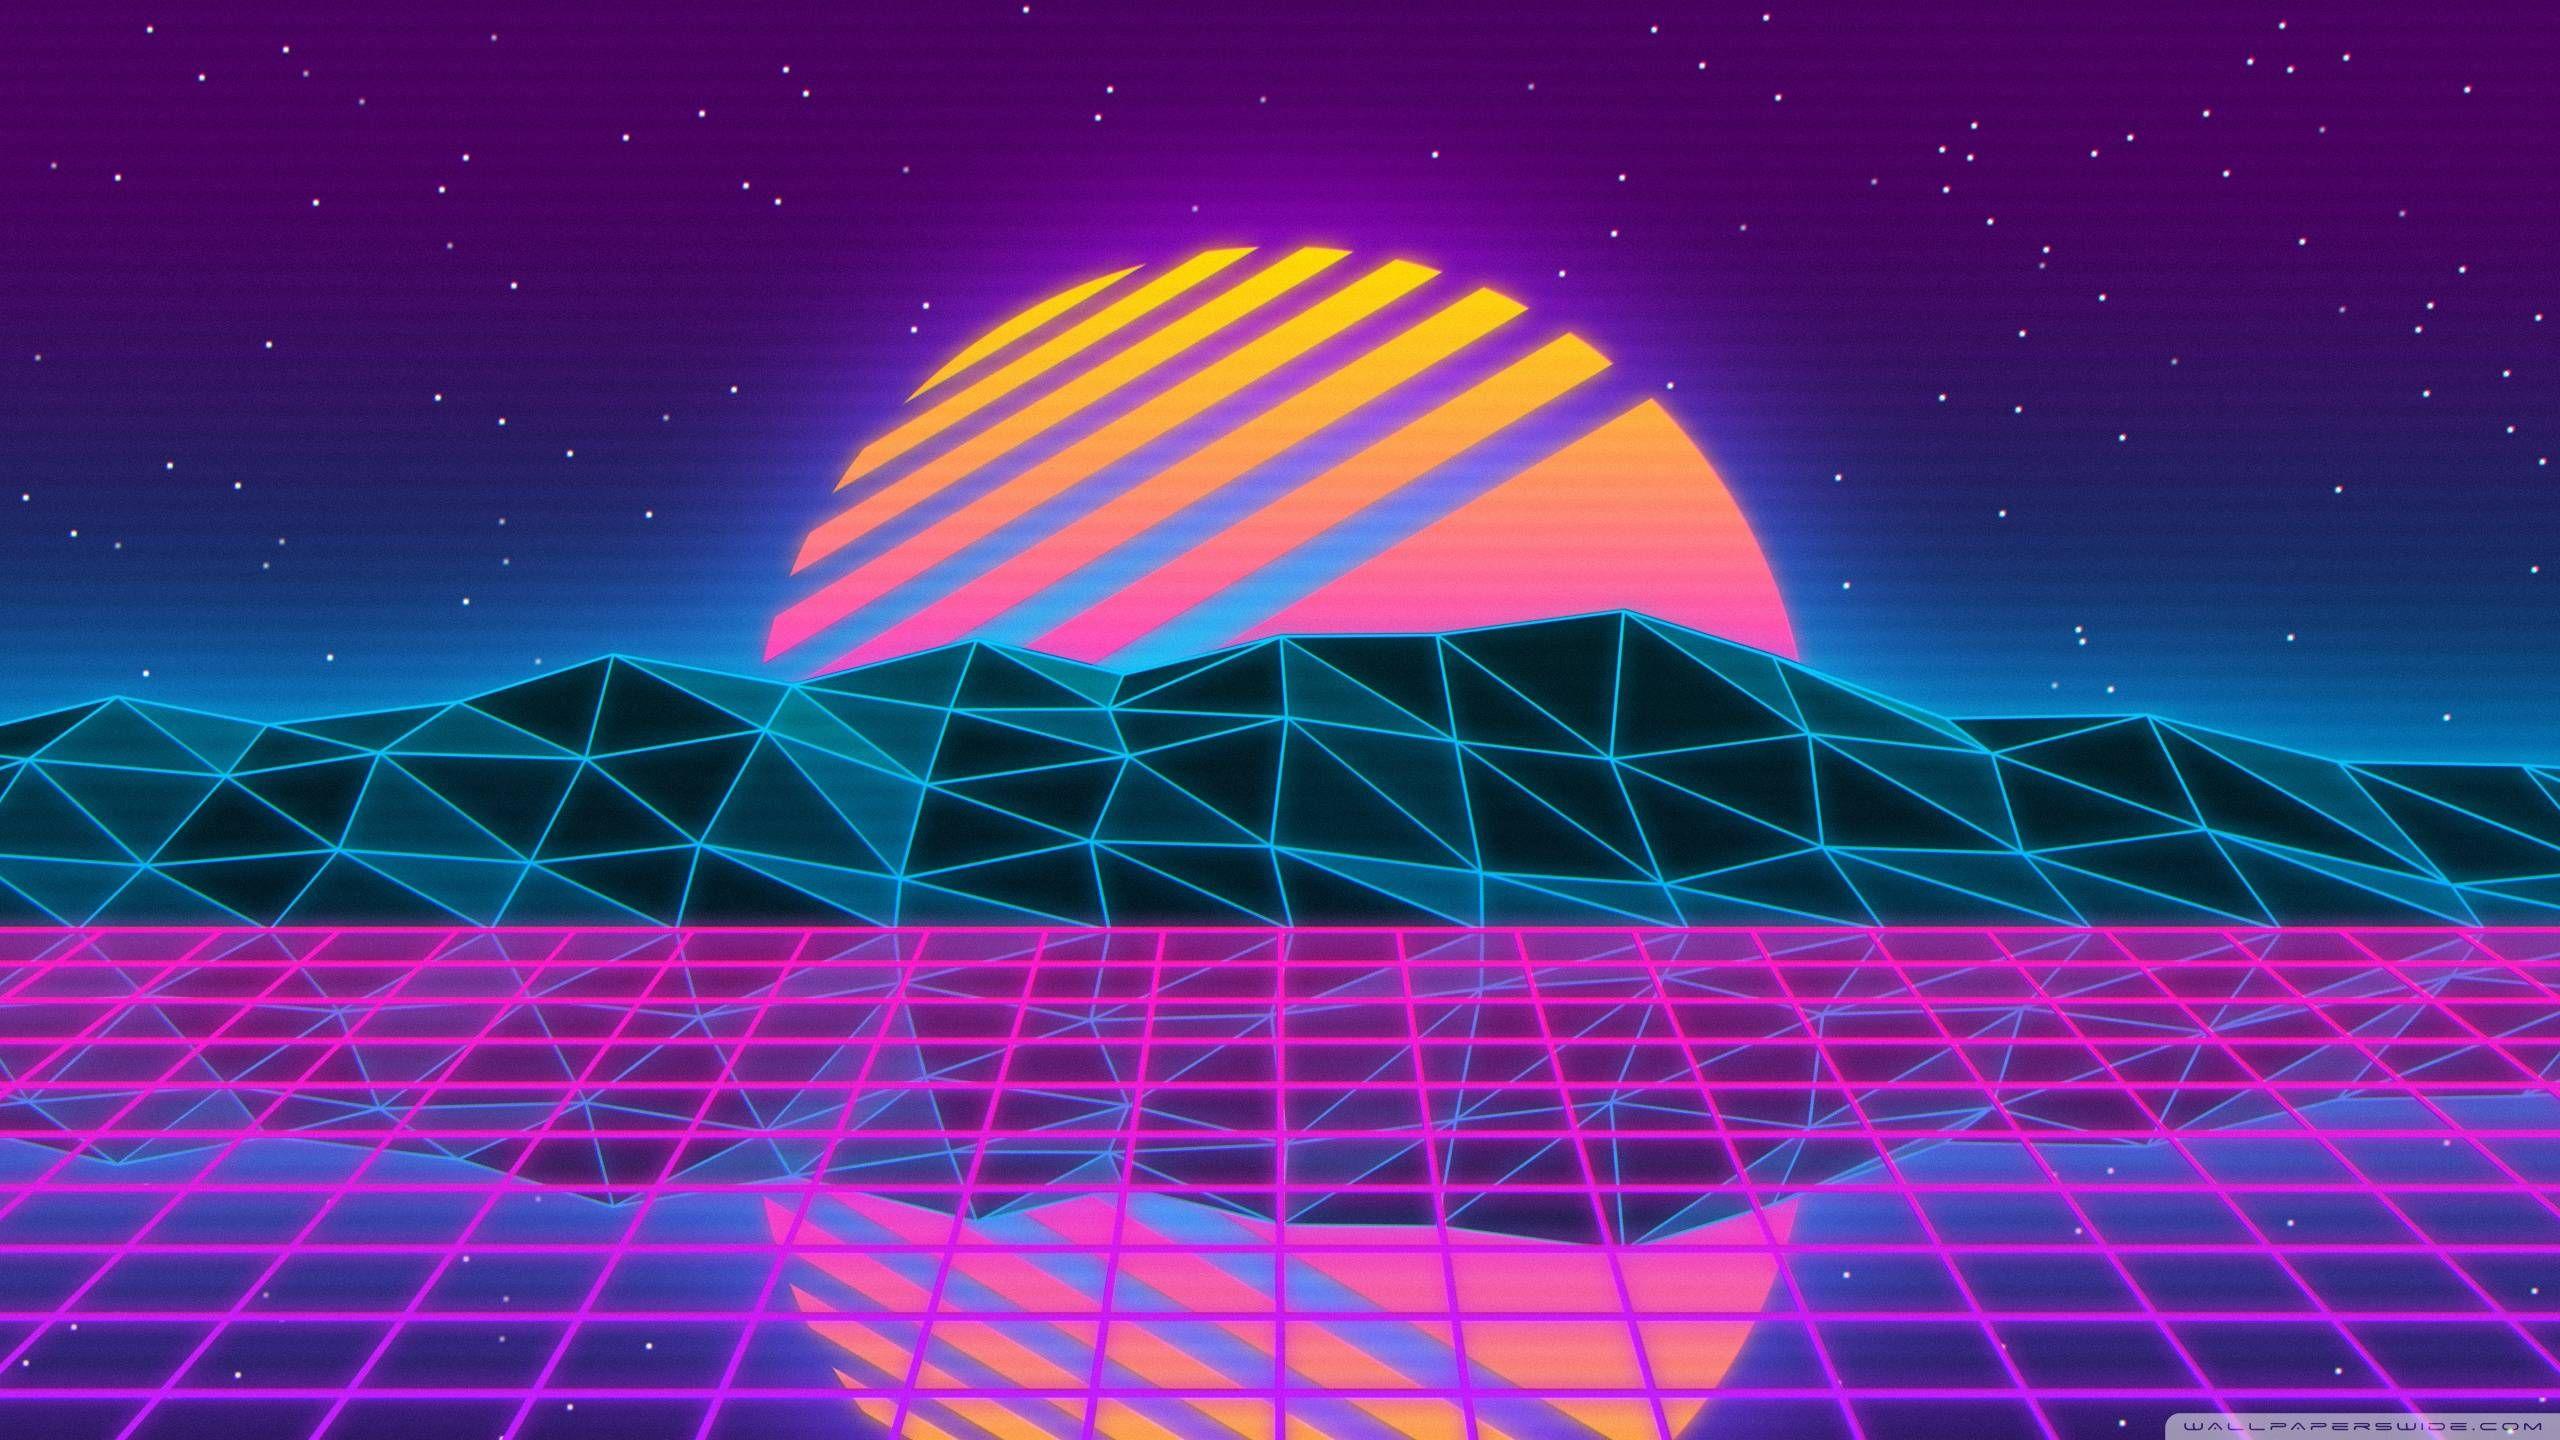 Vaporwave Wallpaper 2560 X 1440 In 2020 Vaporwave Wallpaper Vaporwave Anime Wallpaper